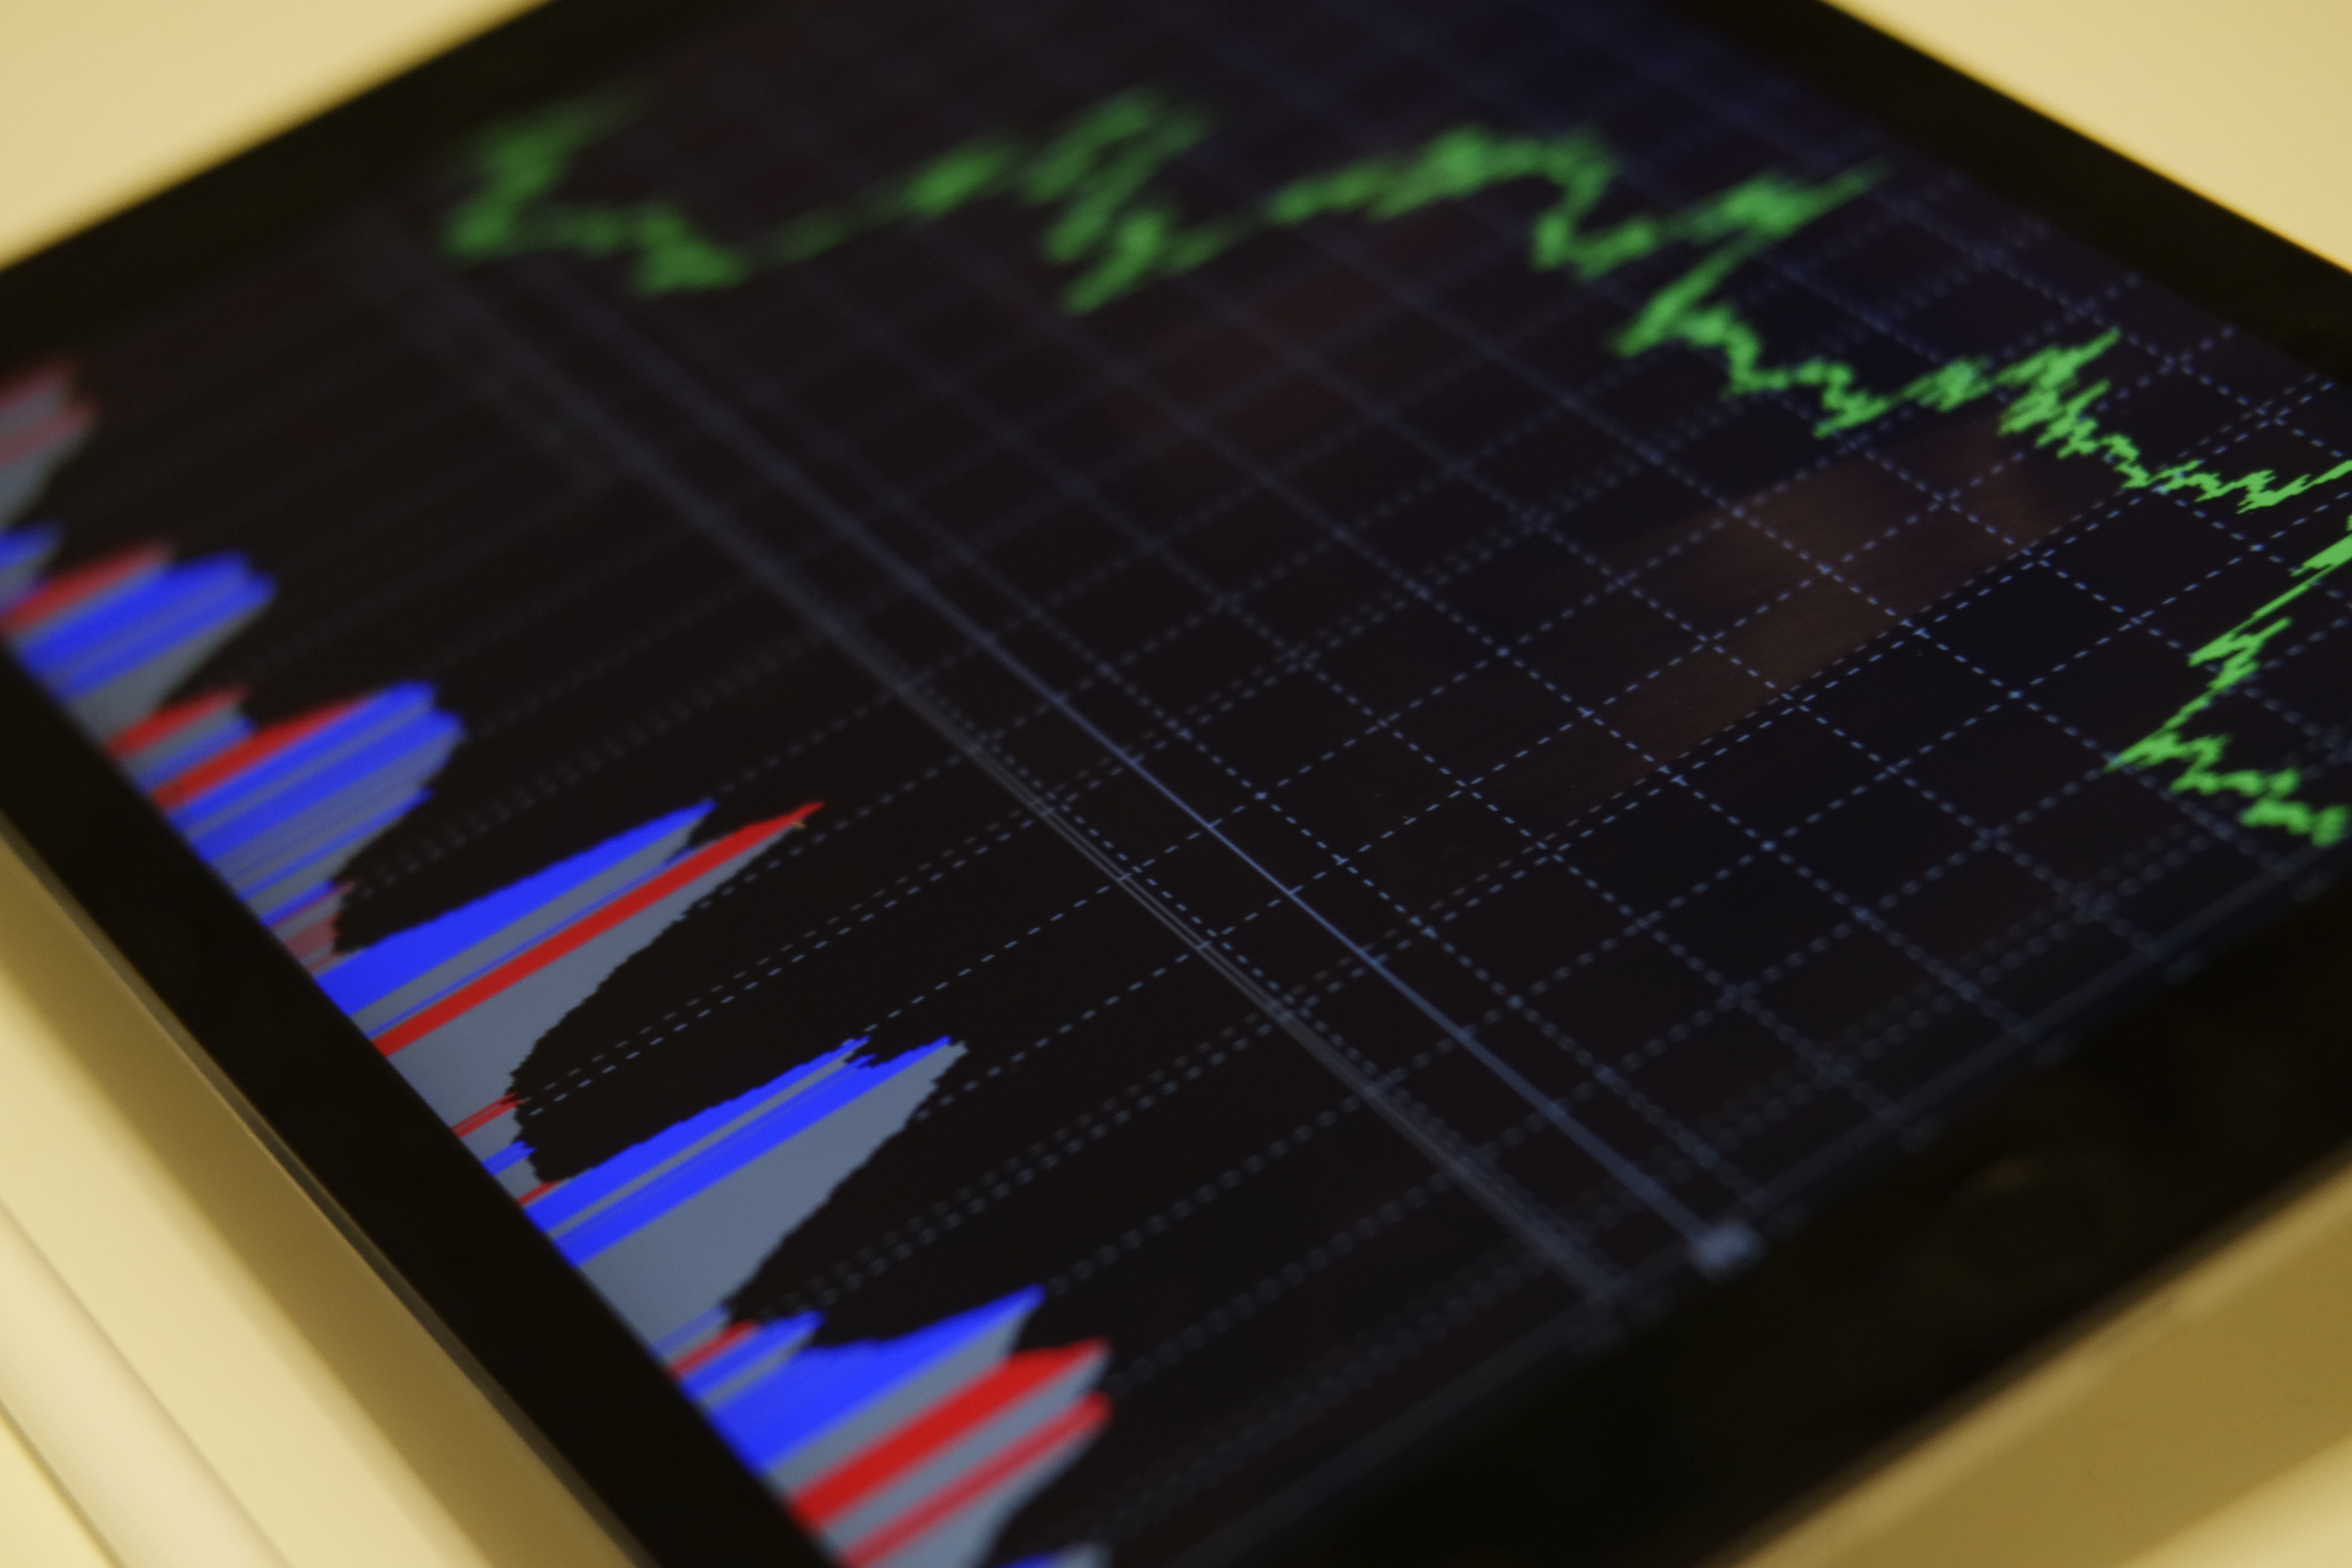 gráfico que mide el peak de concurrencia. se observa el momento que registra más plays durante una transmisión